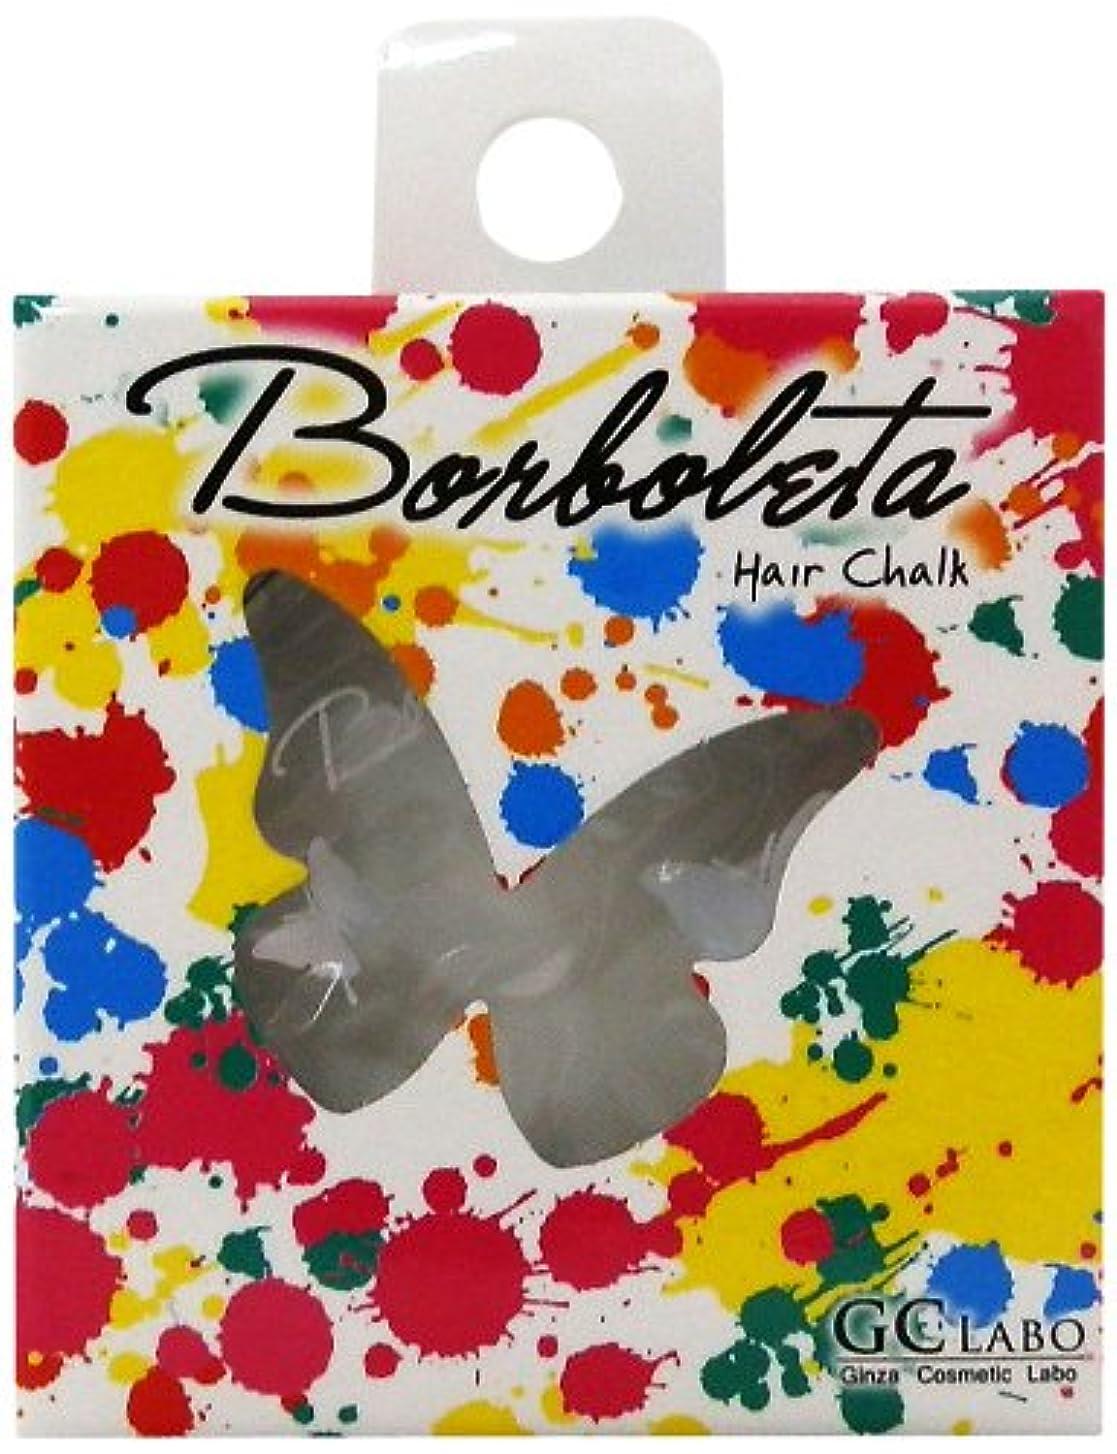 シーフード汚す滅多BorBoLeta(ボルボレッタ)ヘアカラーチョーク ホワイト